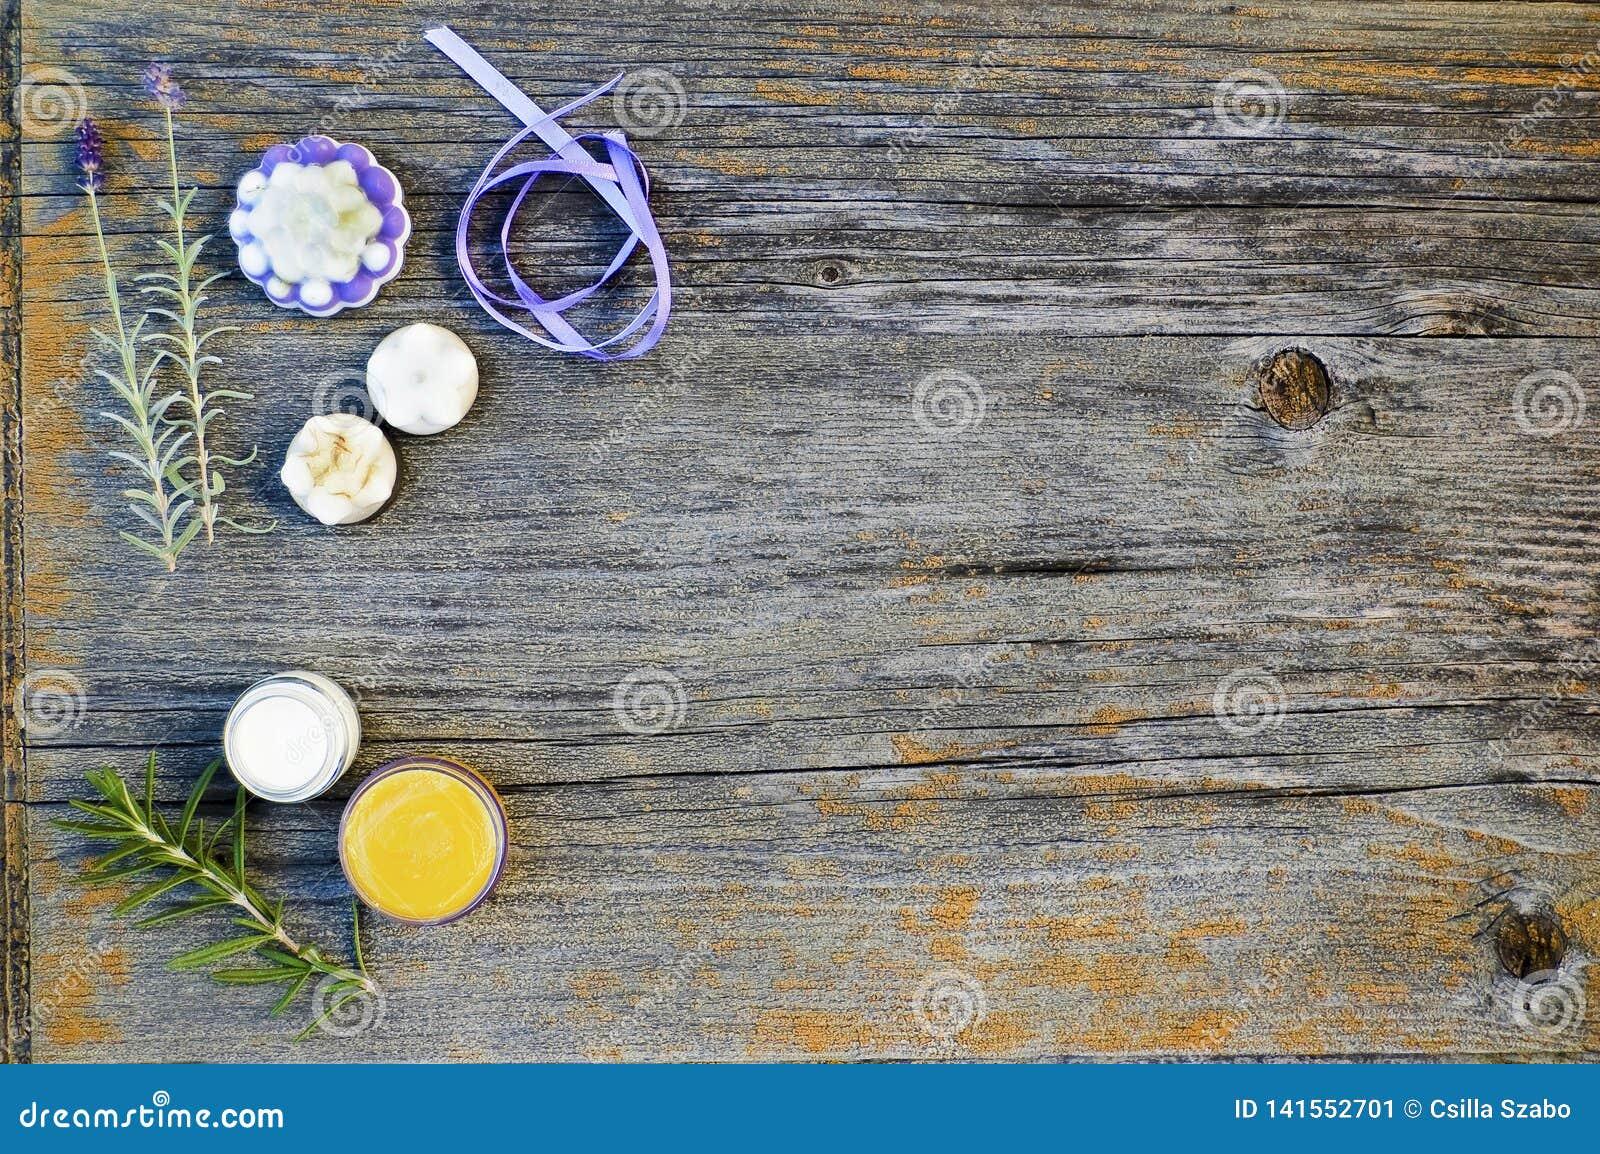 Κλείστε επάνω, τοπ πυροβολισμός των ανάμεικτων οργανικών, χειροποίητων, βοτανικών σαπουνιών μορφής λουλουδιών με lavender, δεντρο